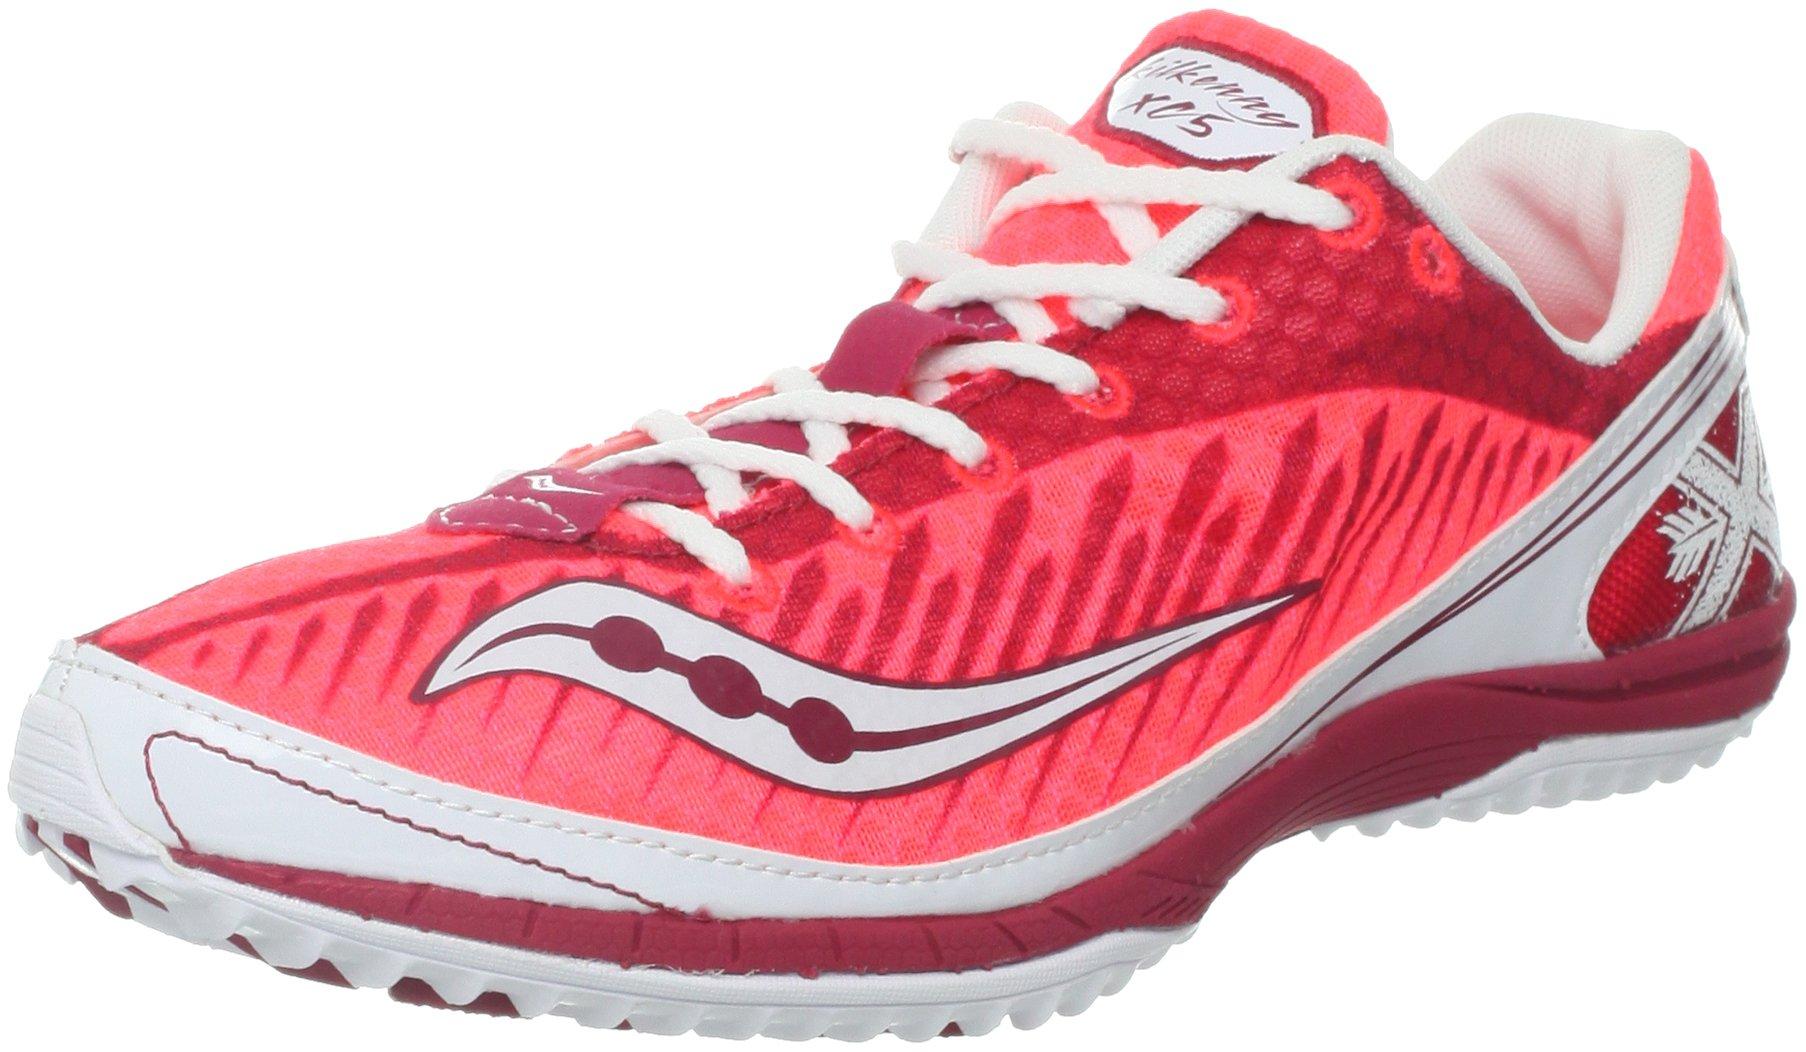 Saucony Women's Kilkenny XC5 Cross Country Spike Shoe